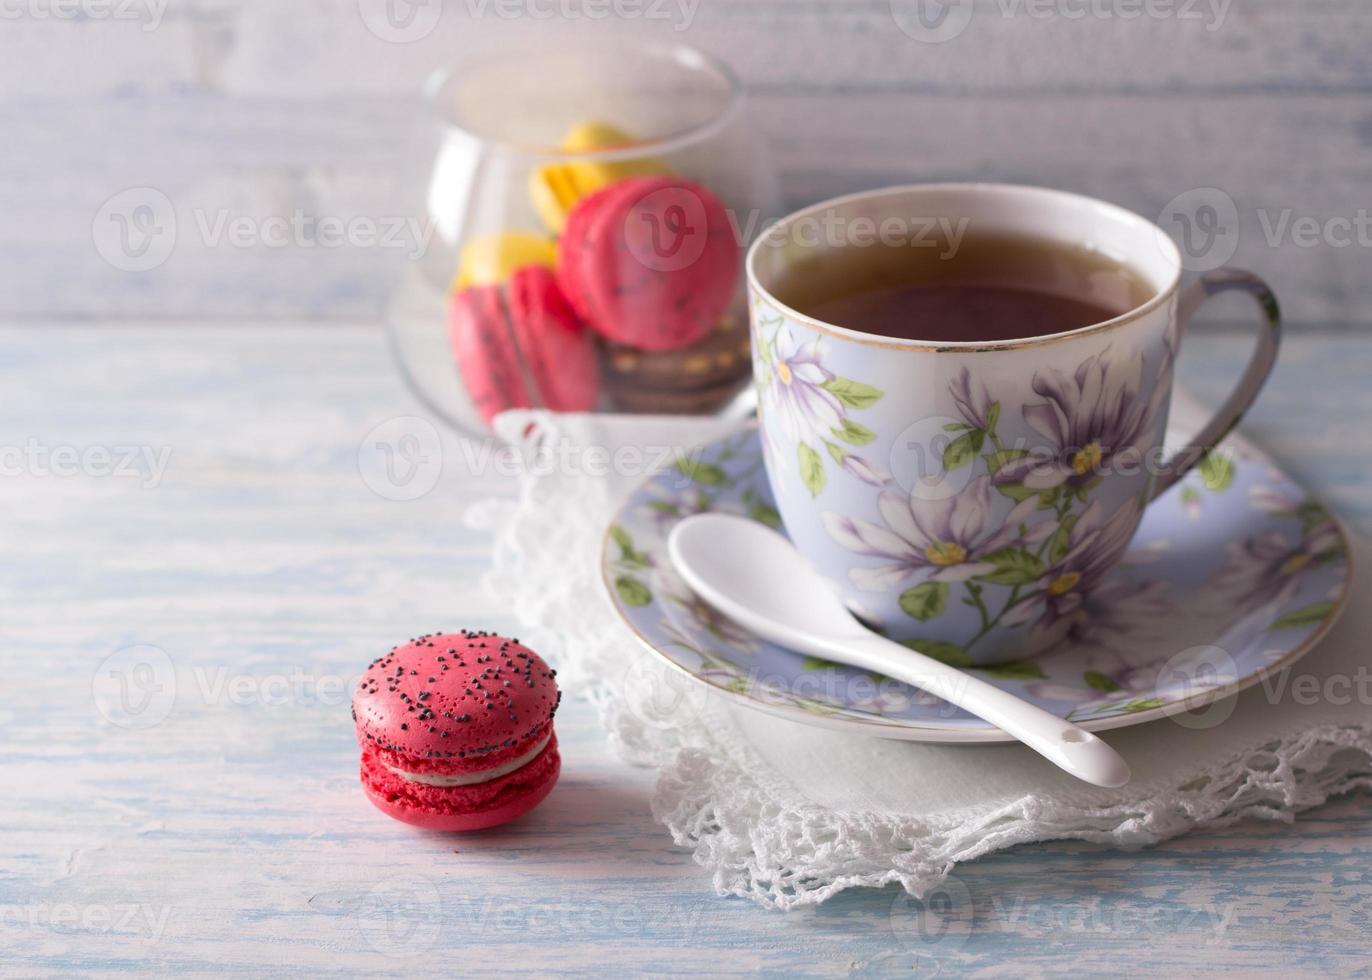 französische Macarons mit einer Tasse Tee foto